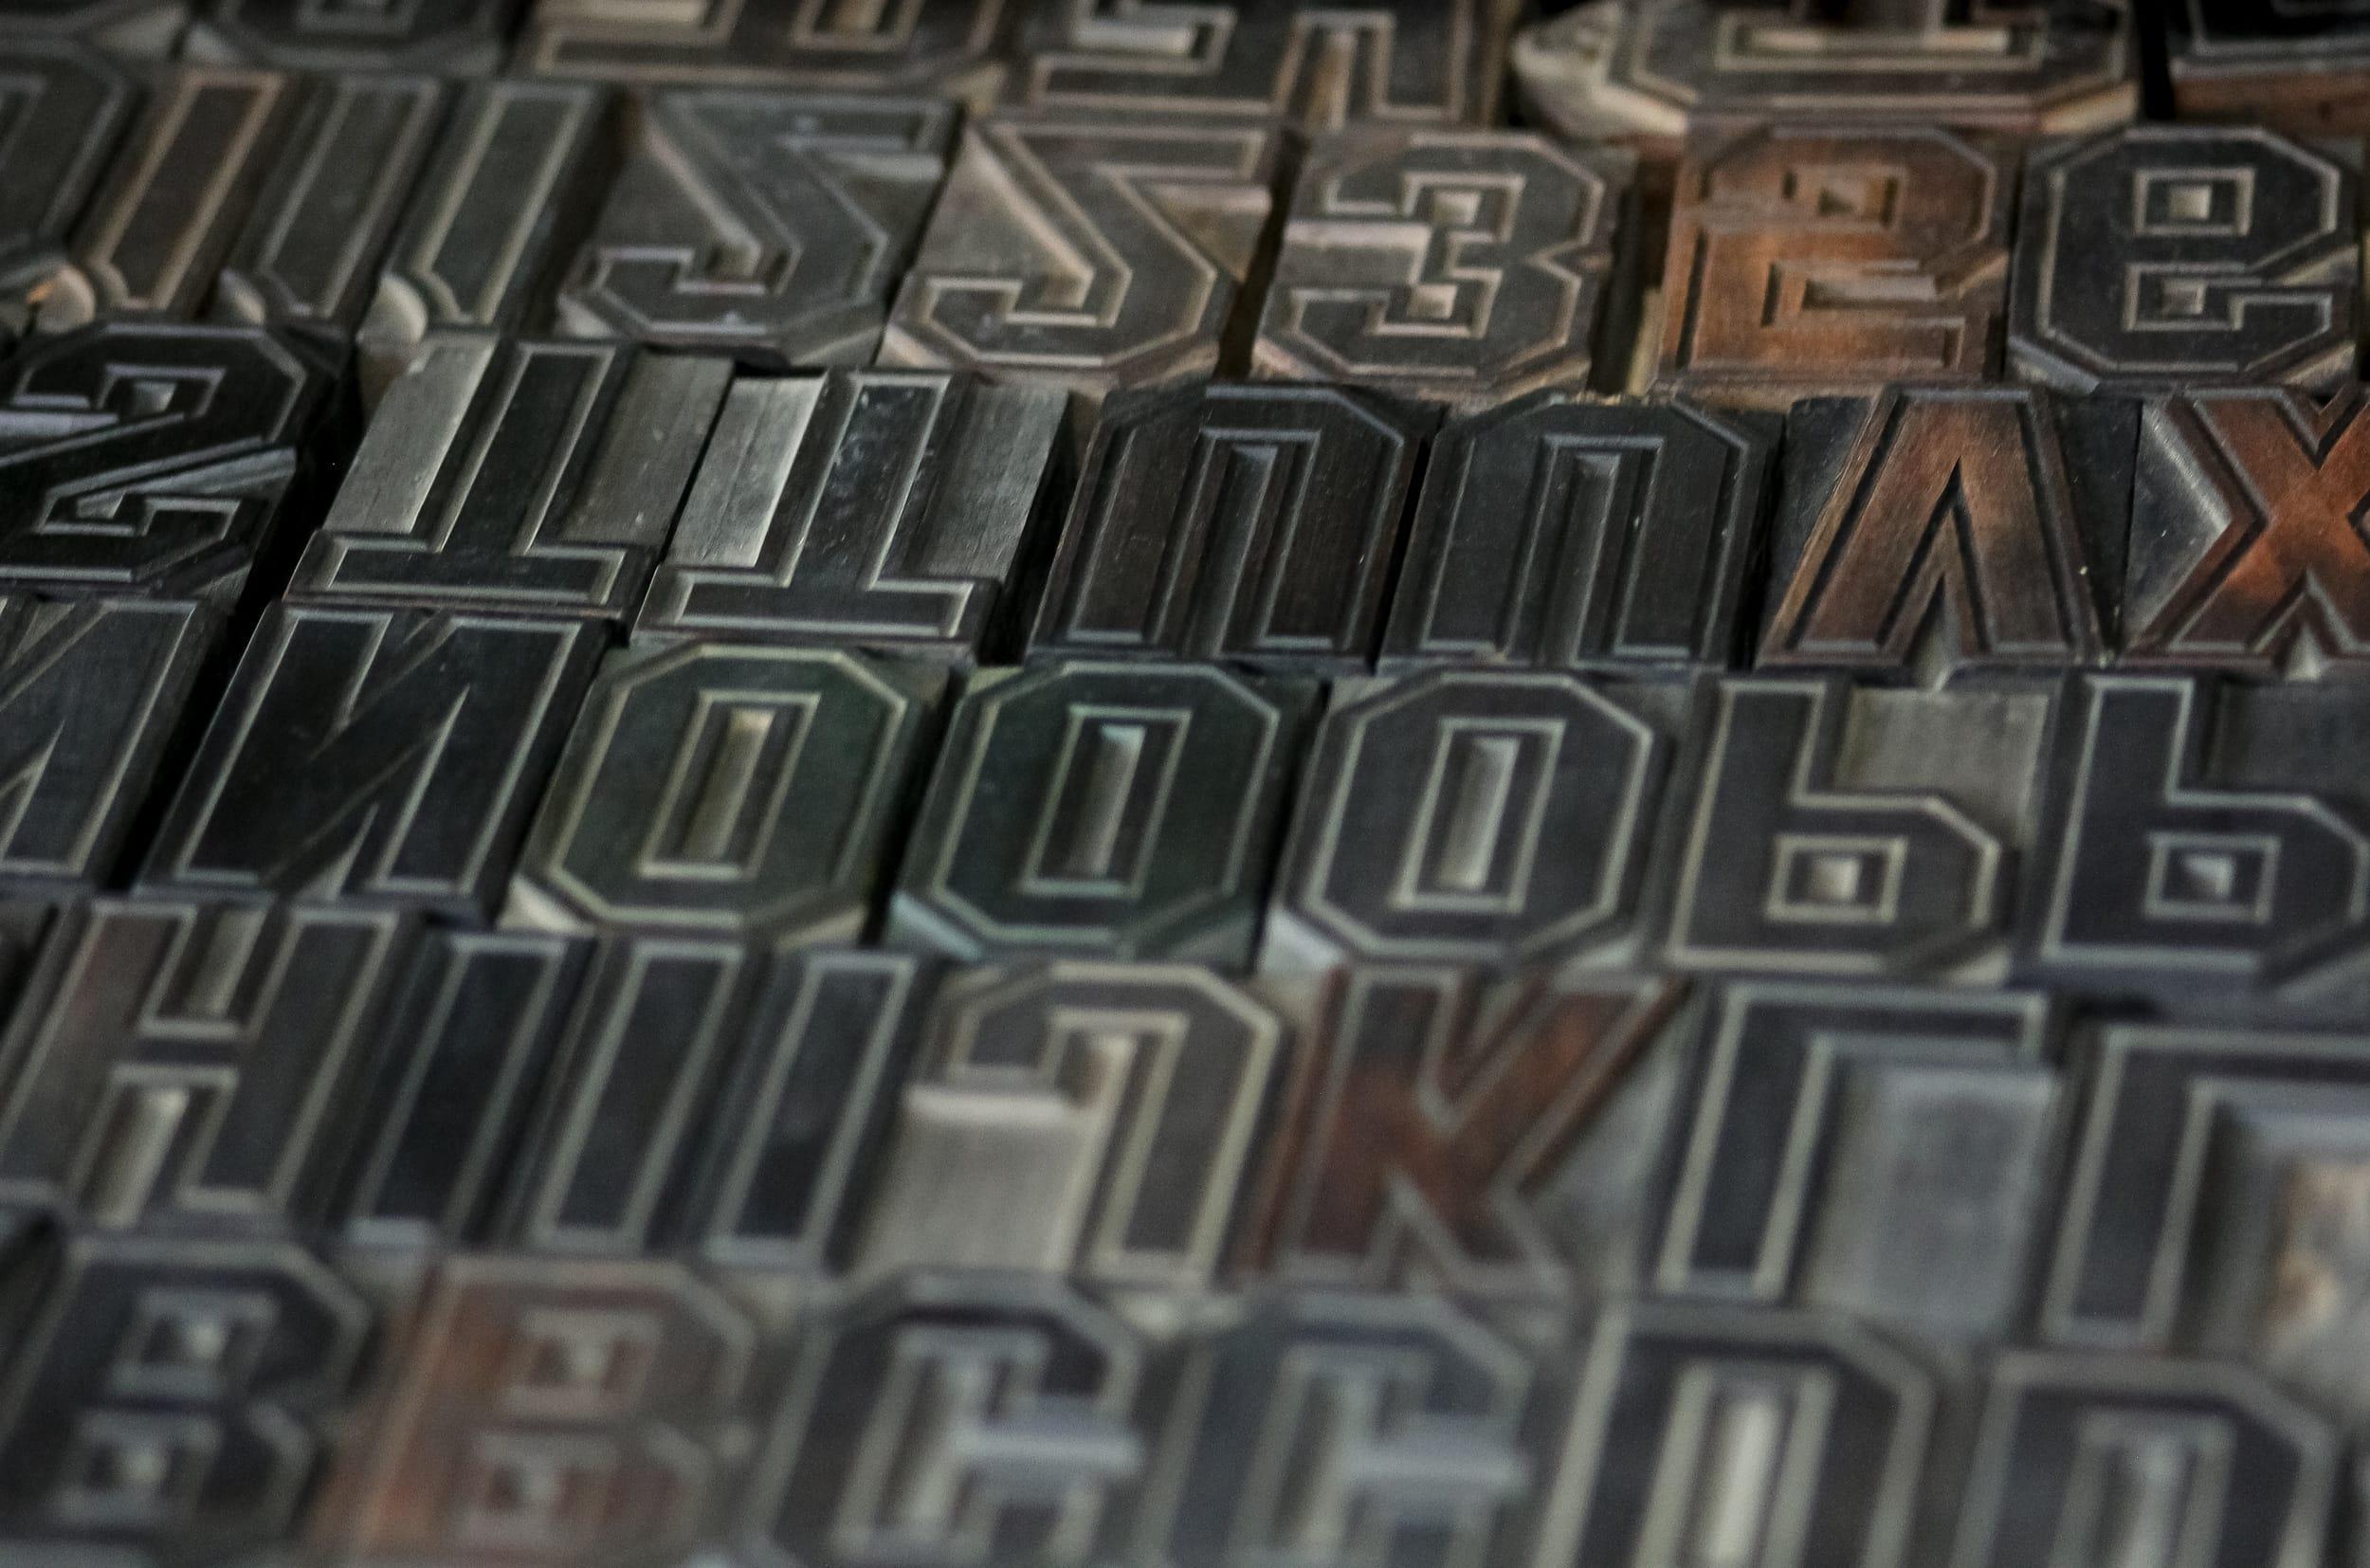 Les fabricants de caractères bois à Bressuire